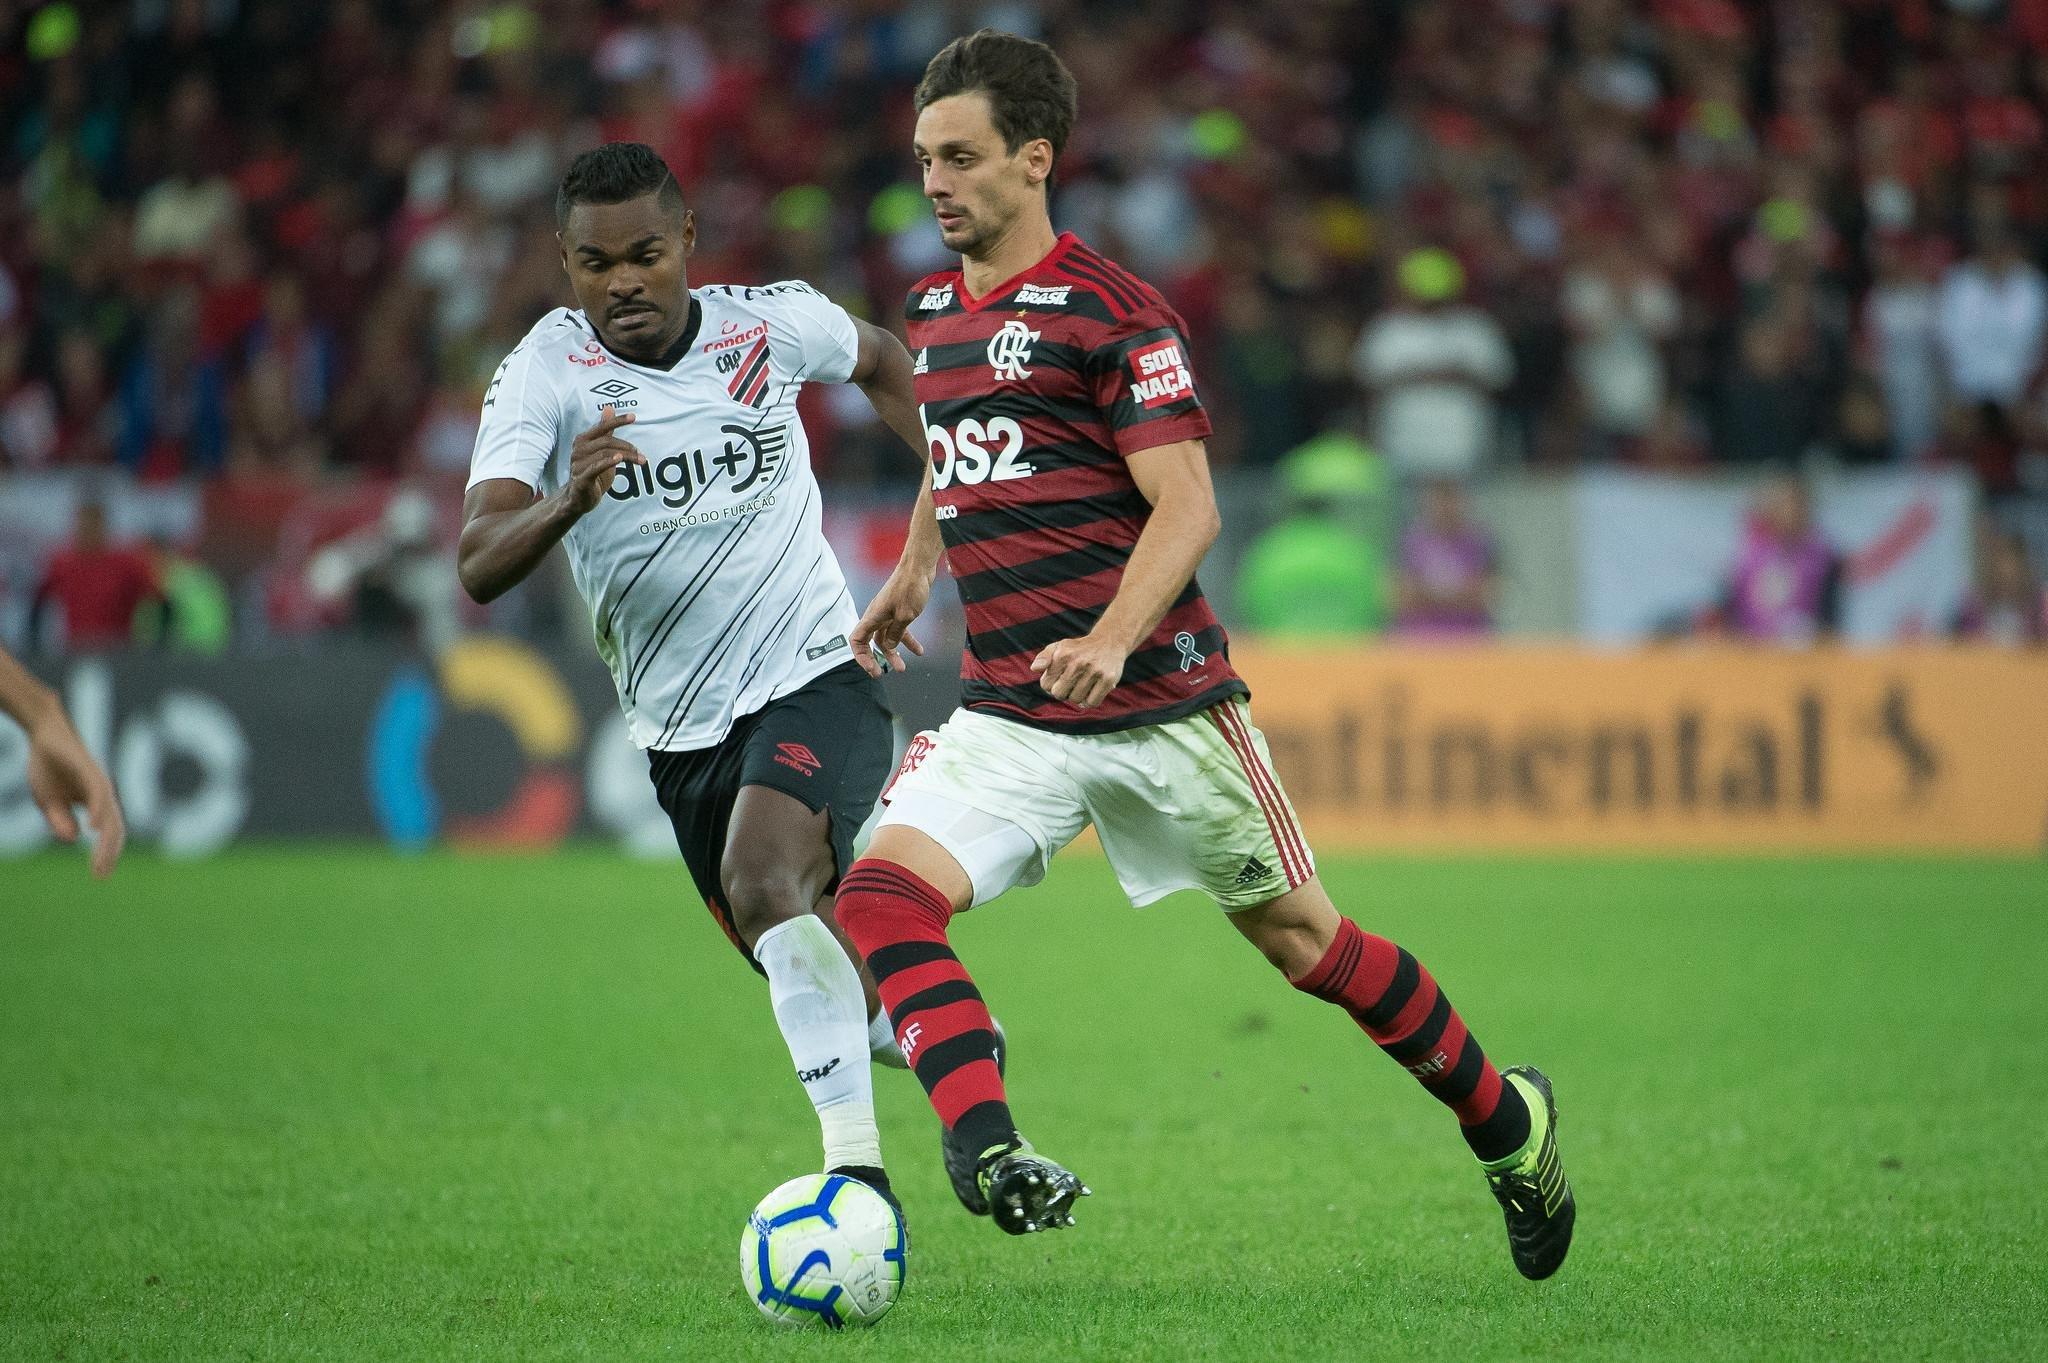 Resultado de imagem para Athletico Paranaense empata, ganha nos pênaltis e elimina o Flamengo no Maracanã